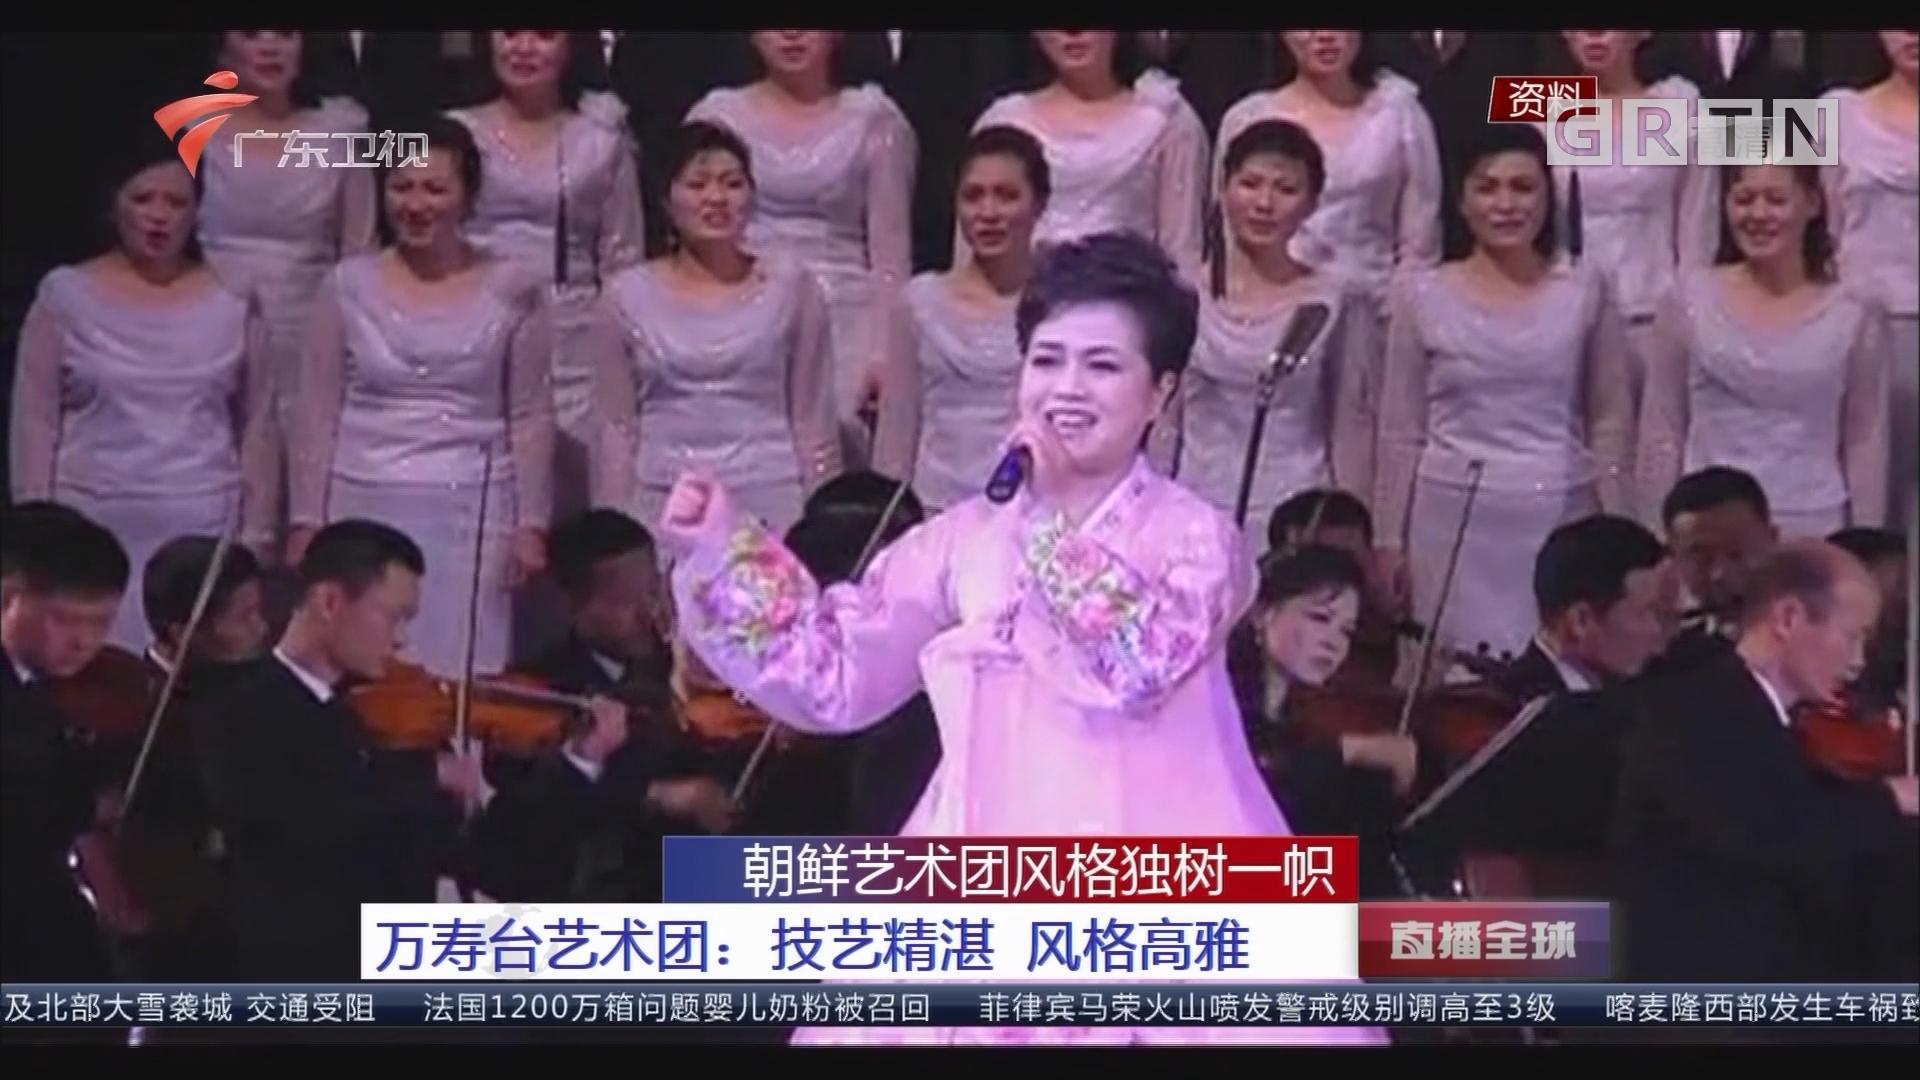 朝鲜艺术团风格独树一帜 万寿台艺术团:技艺精湛 风格高雅